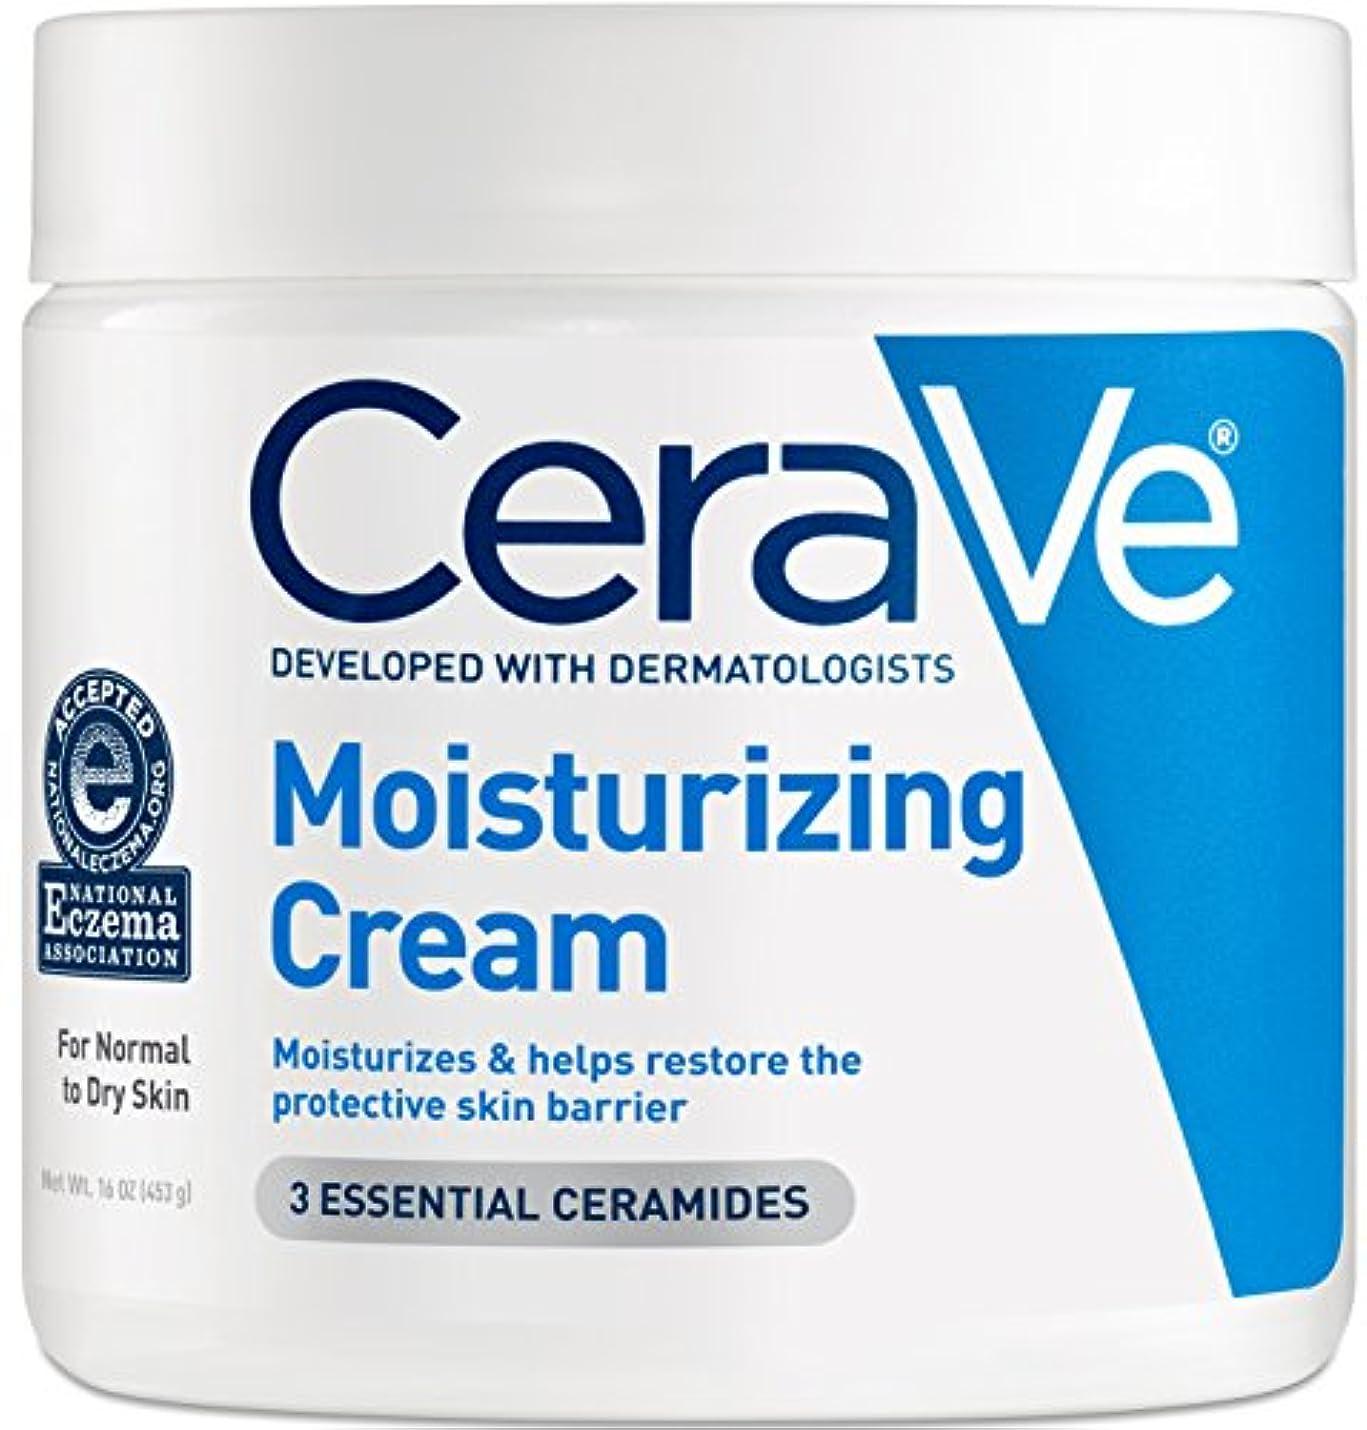 湿地水っぽい保険海外直送品Cerave Cerave Moisturizing Cream, 16 oz